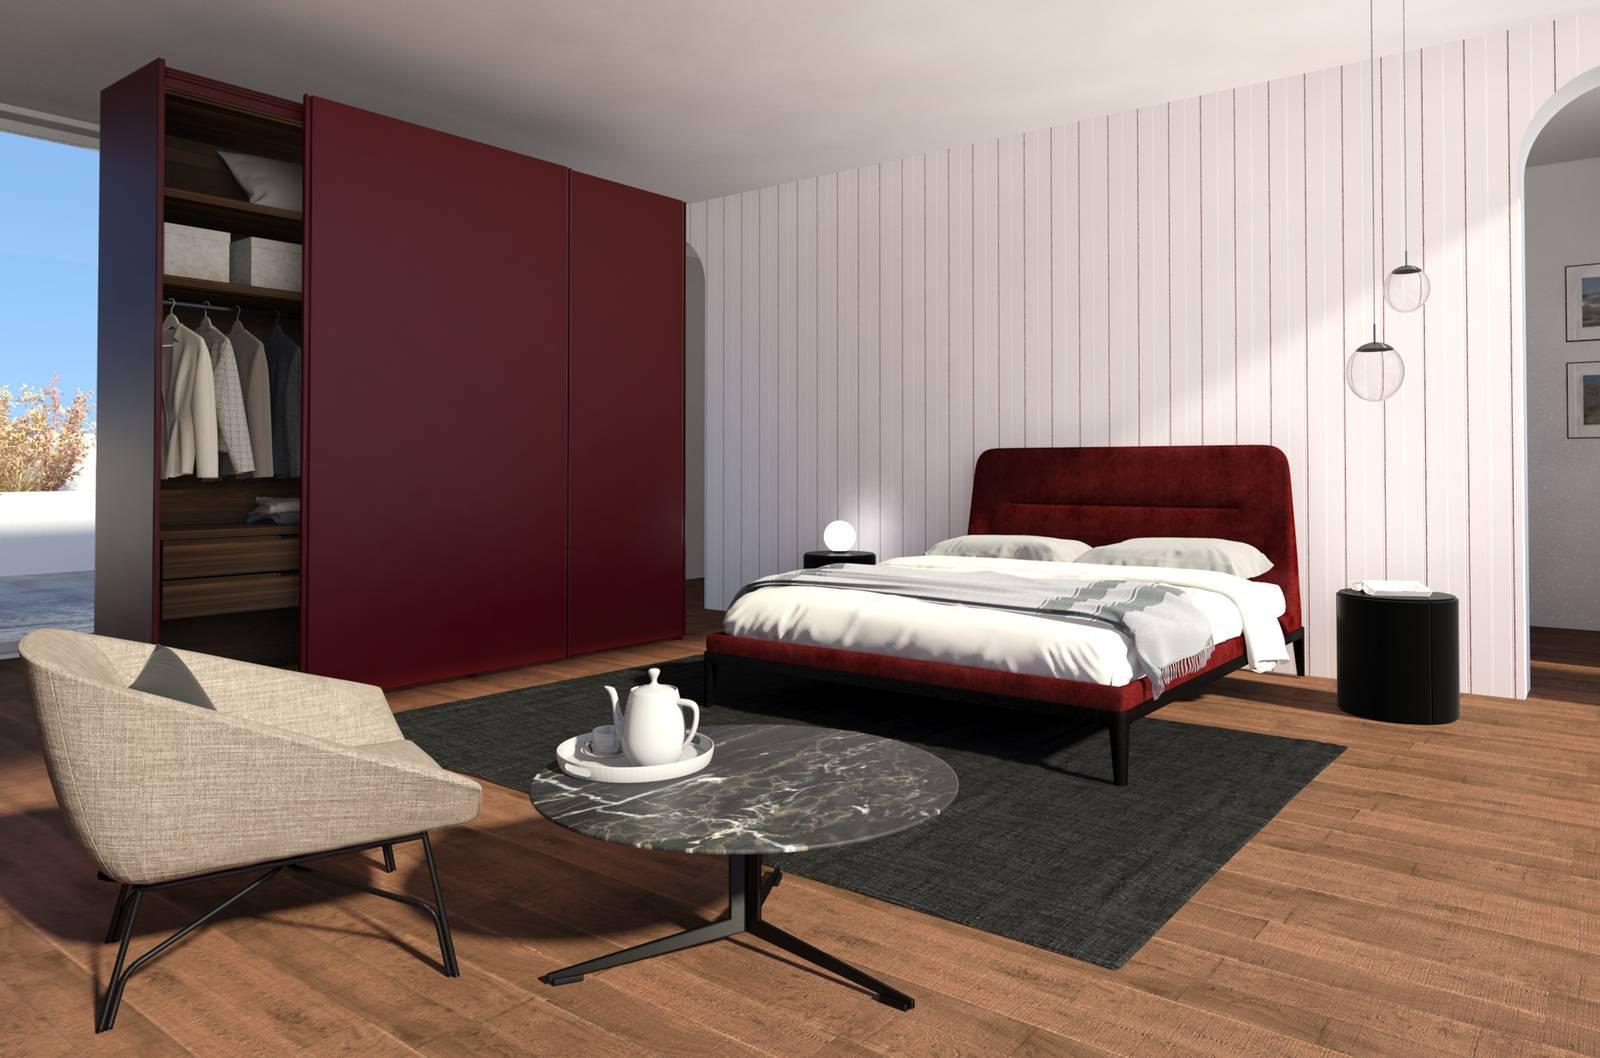 Dividere il soggiorno e la camera con mobili a tutta - Camera soggiorno ...